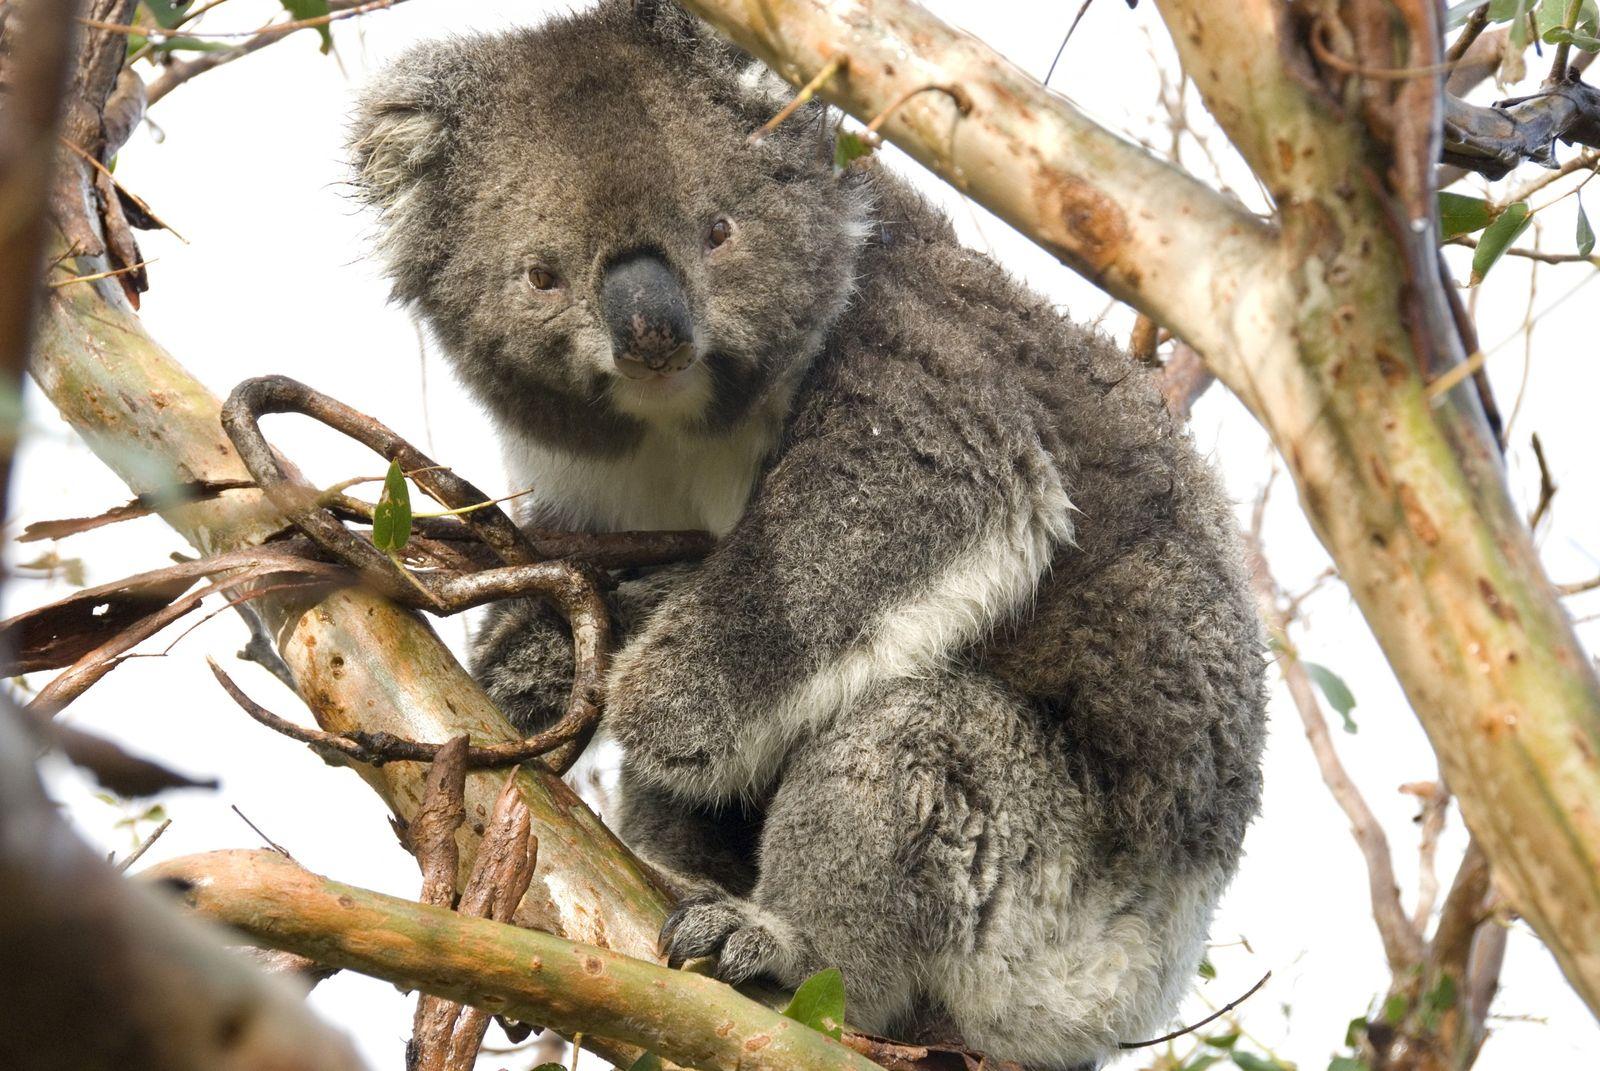 NICHT MEHR VERWENDEN! - Koalabär